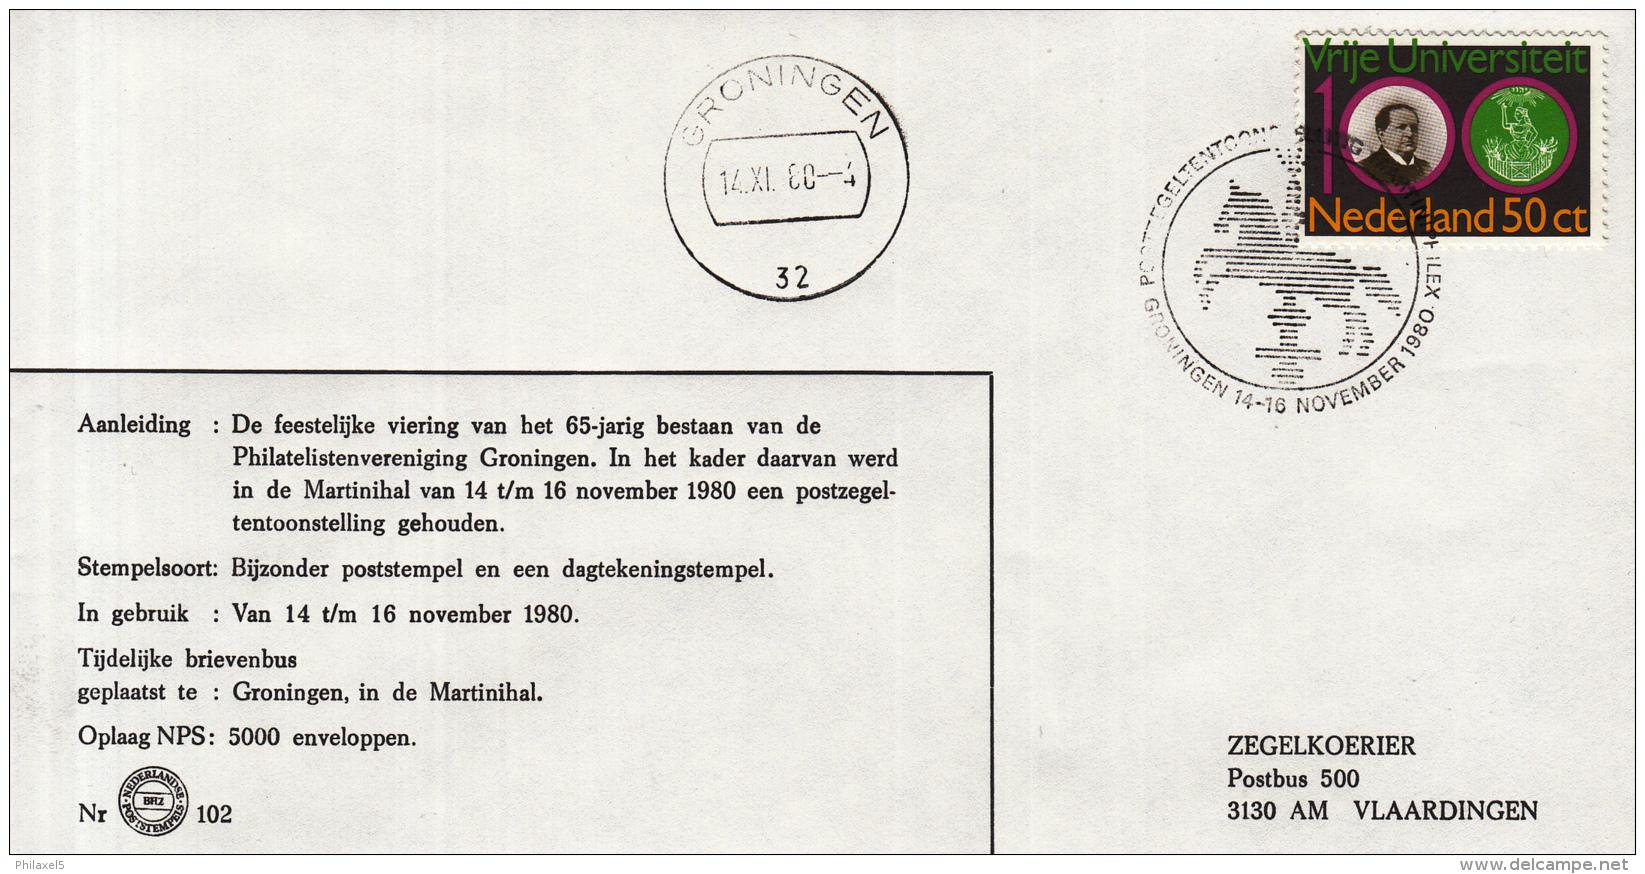 Nederland - 14/16 November 1980 - Postzegeltentoonstelling Martiniphilex 1980 - Z 102 - Marcofilie - EMA (Print Machine)